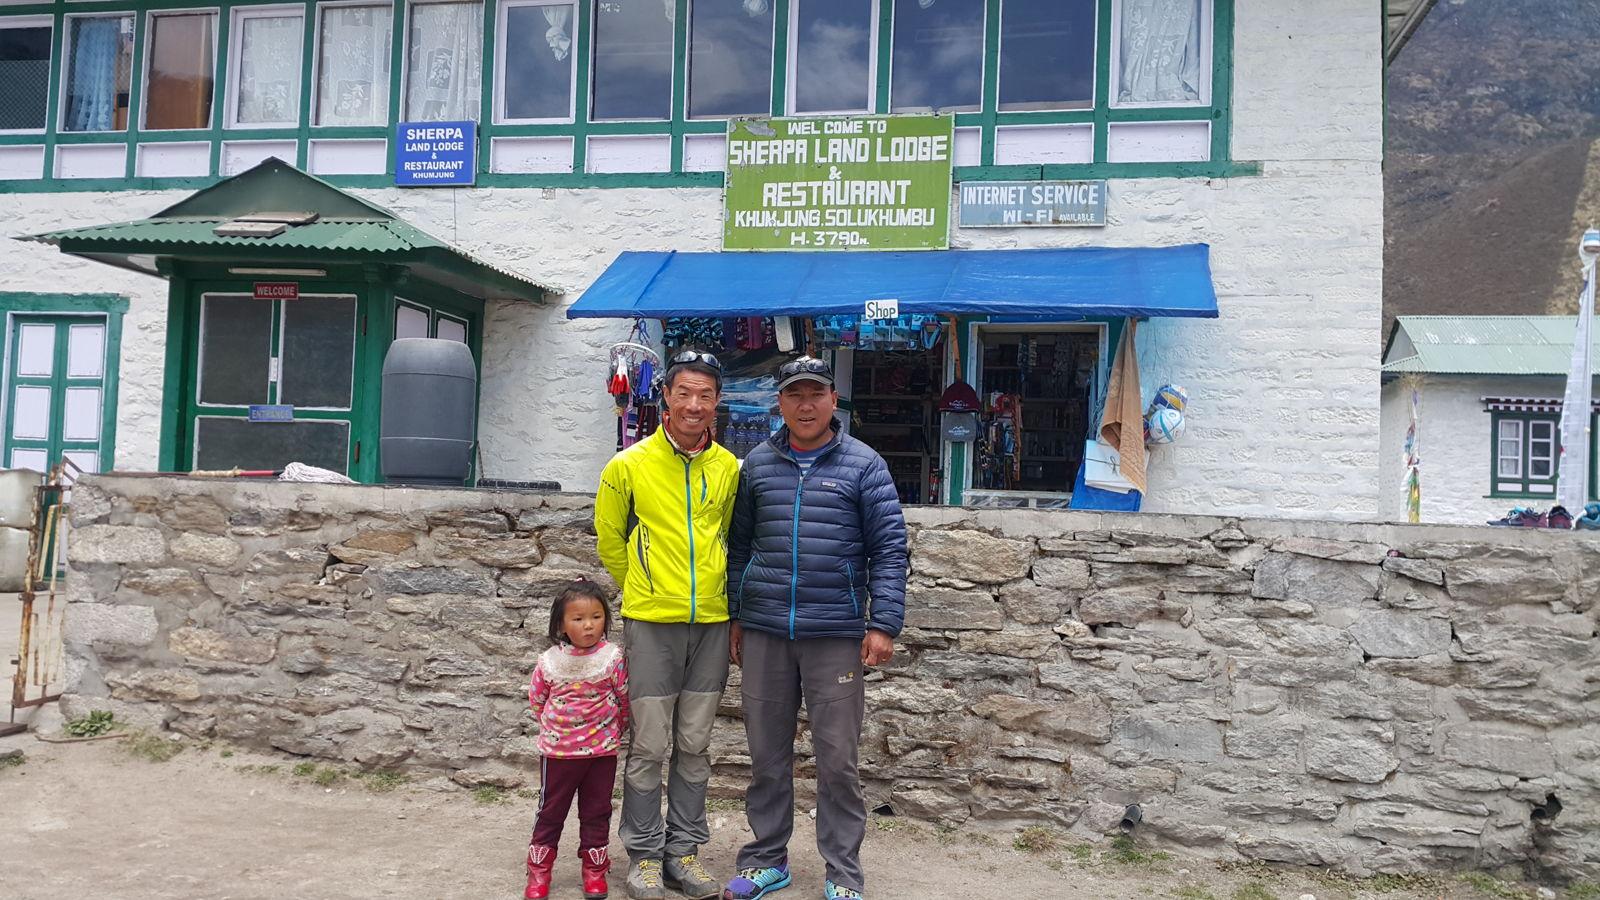 47歲的ANG Tsnerjng Sherpa(右)出生至今一直住在雪巴人村莊,坦言如今天氣難料。